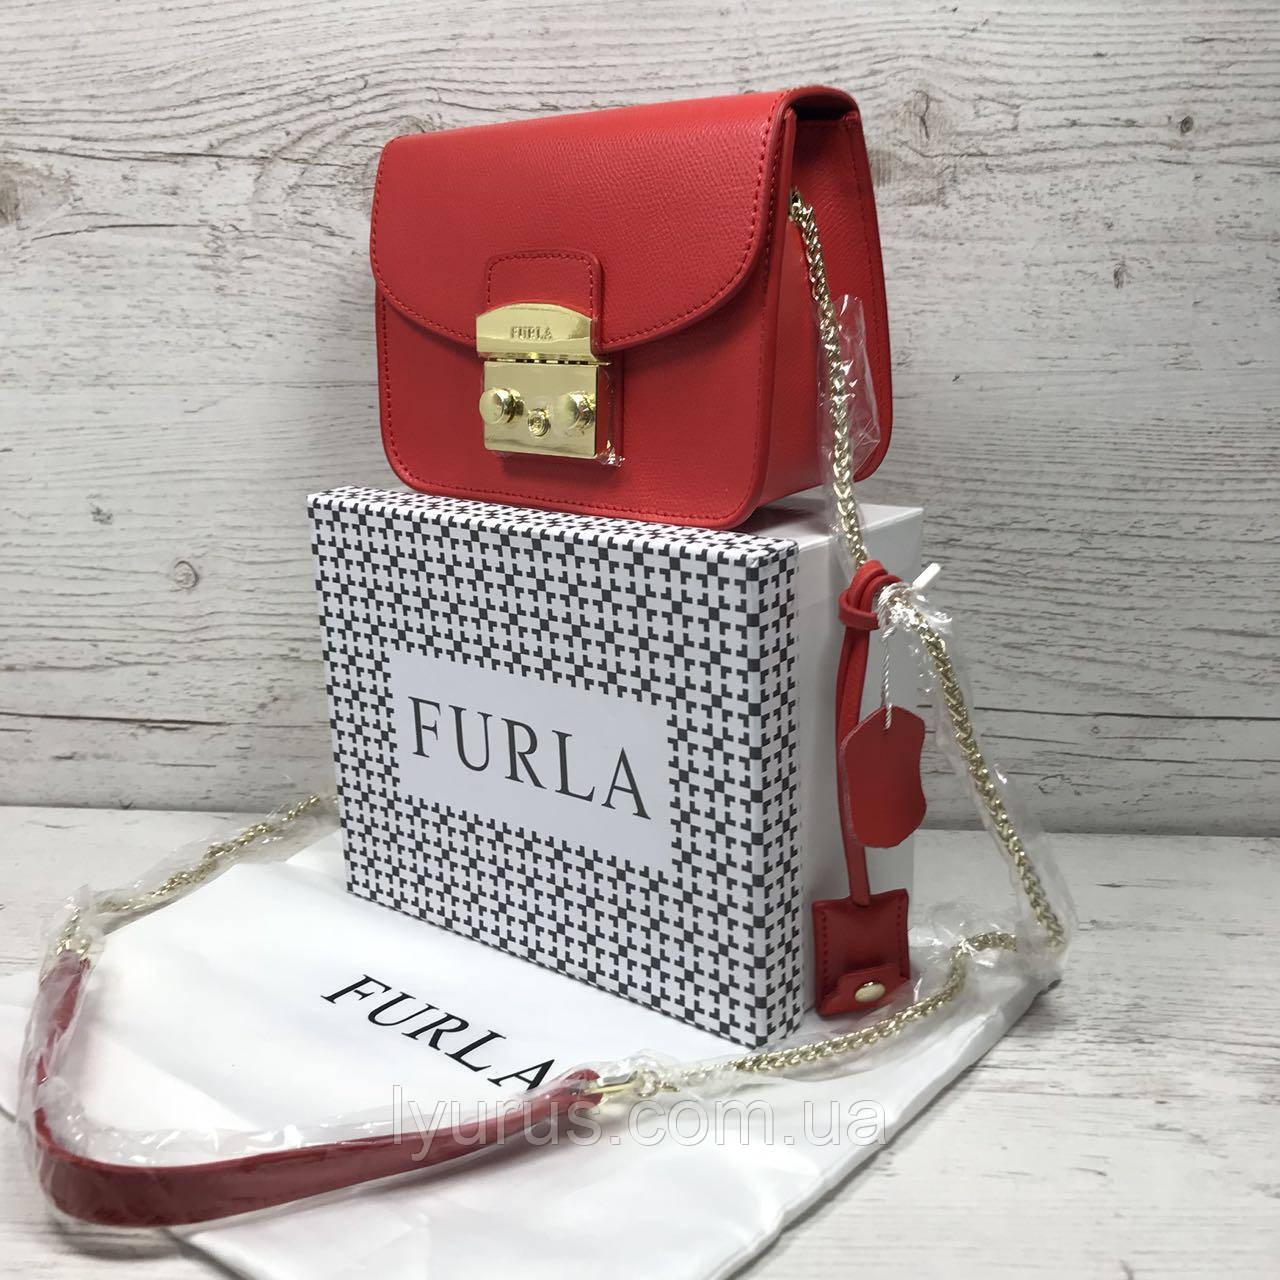 0e2f4ff3a864 Кожаная сумка клатч Furla metropolis: продажа, цена в Полтаве ...